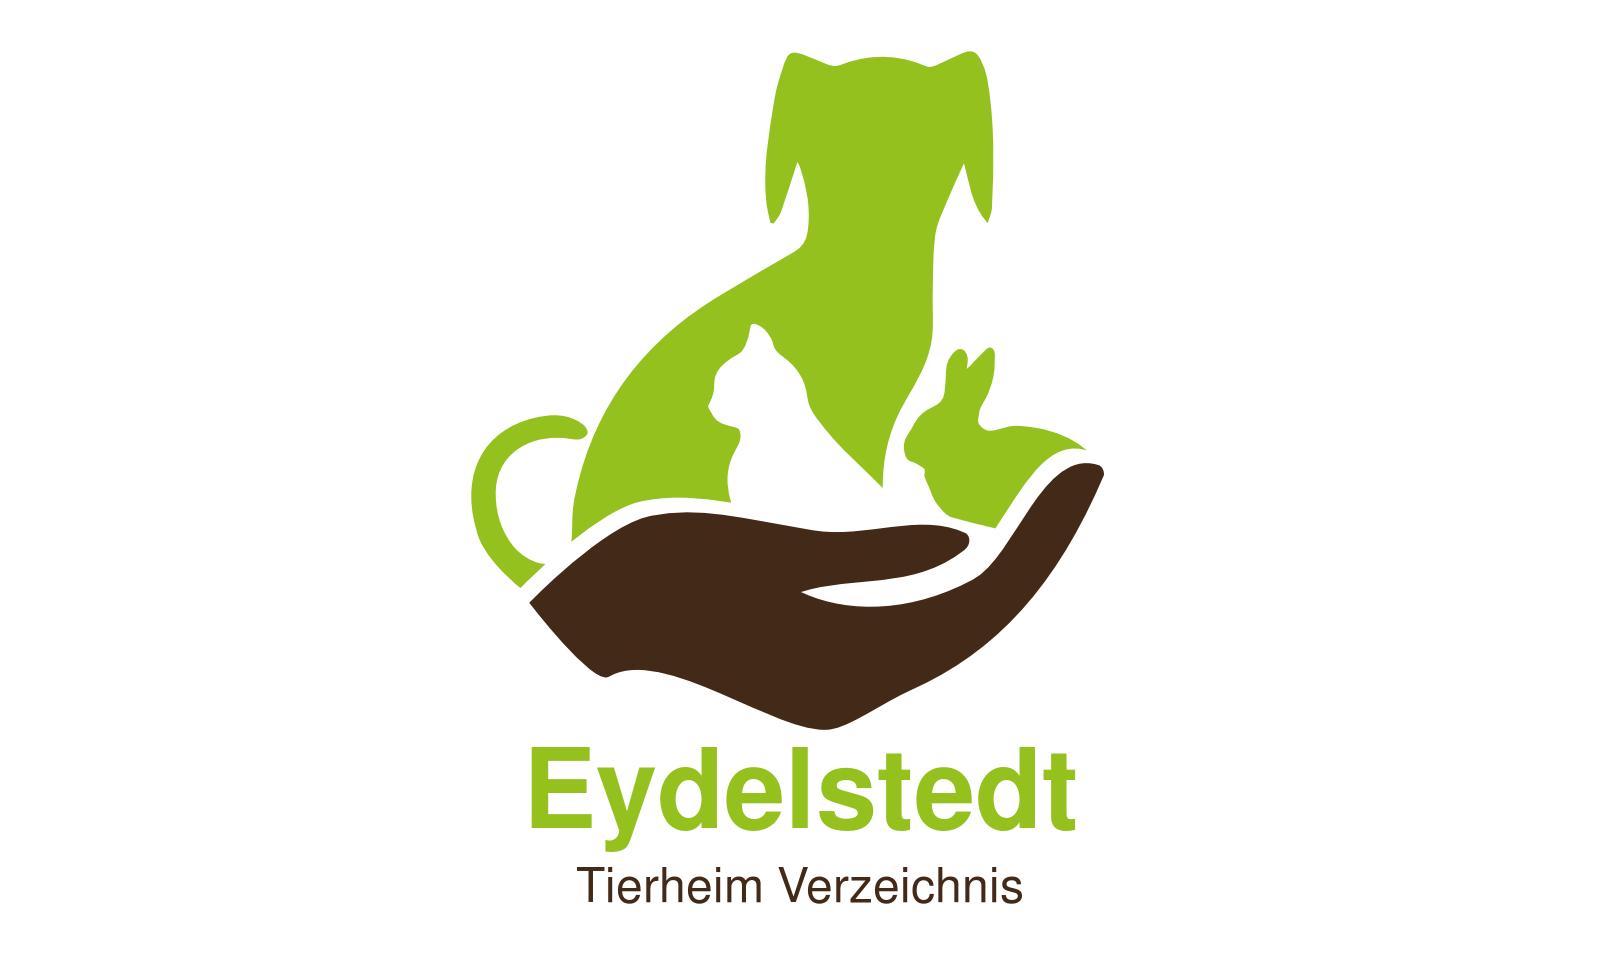 Tierheim Eydelstedt